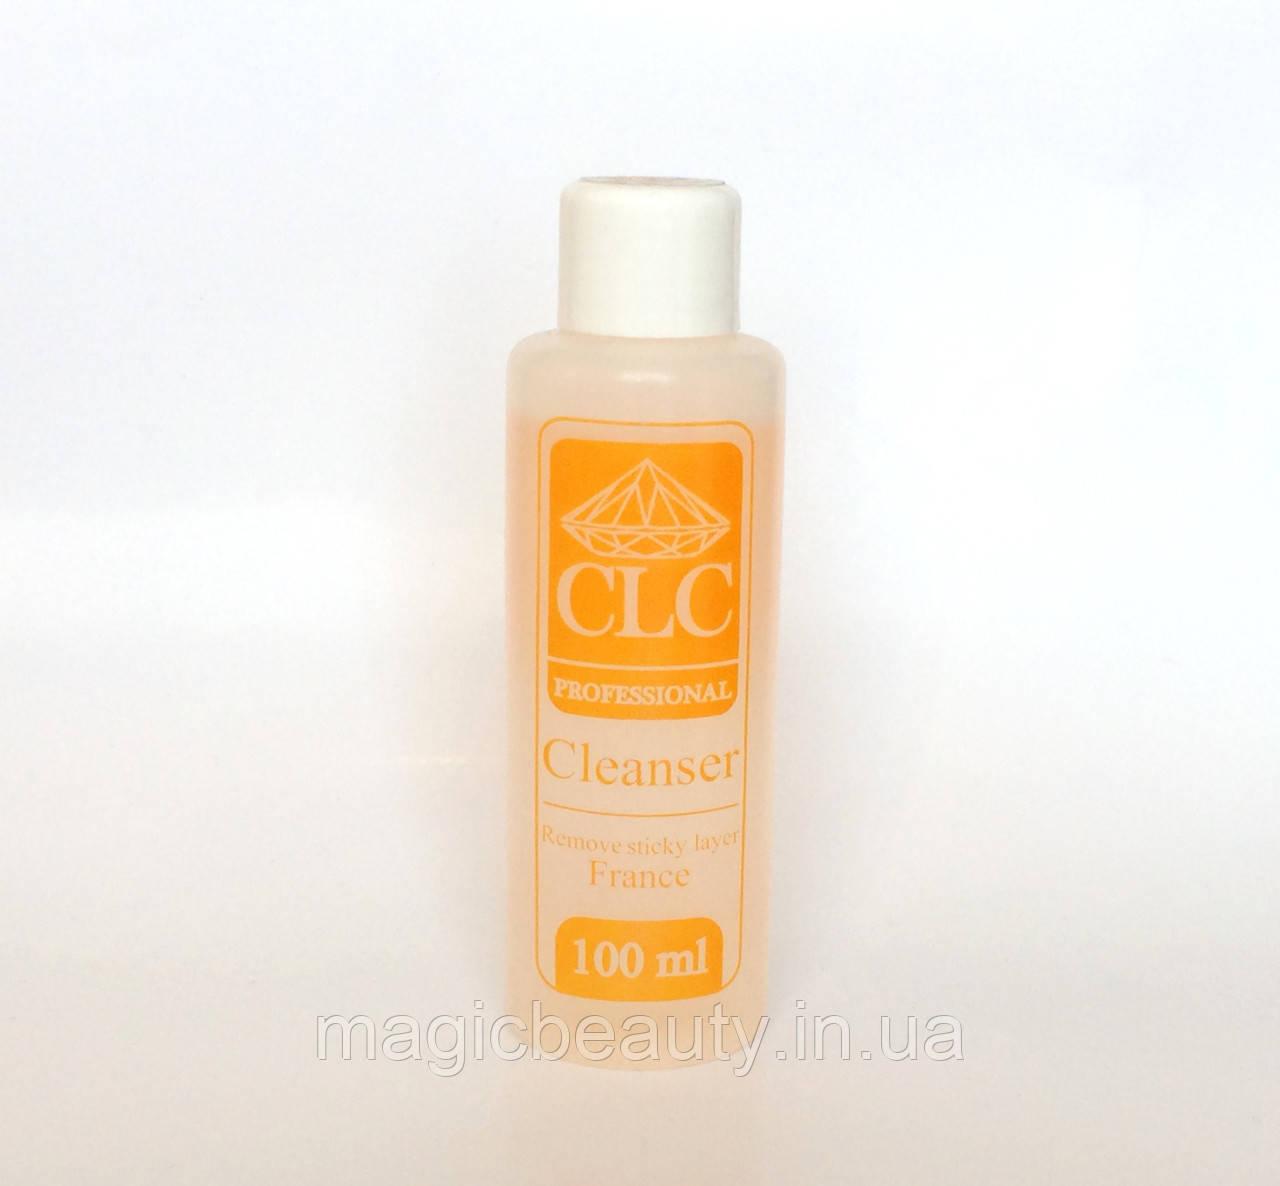 Жидкость для снятия липкого слоя CLC PRO Cleanser 100ml (Апельсин)